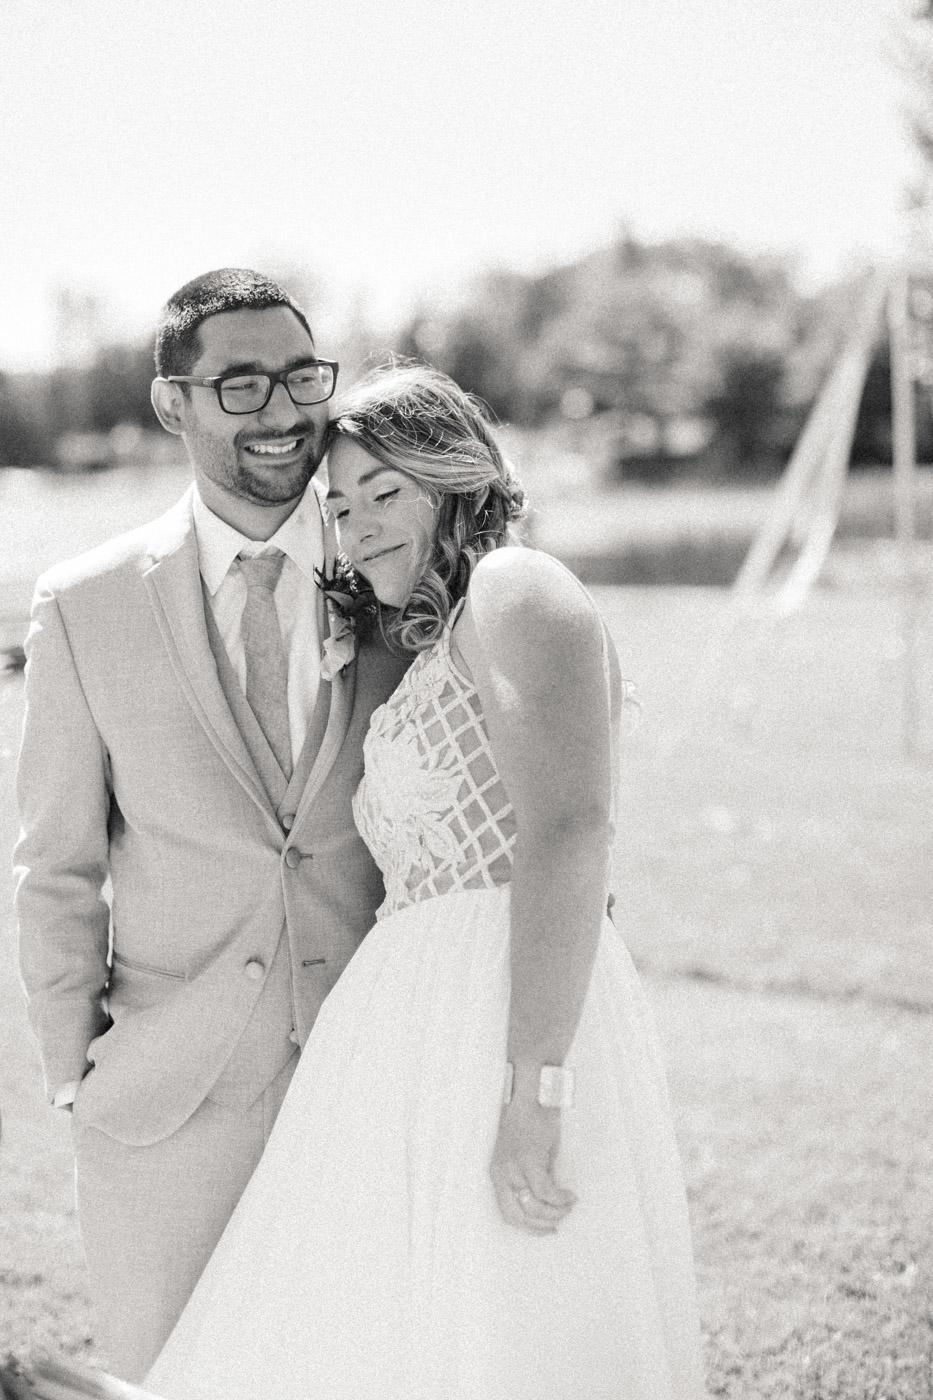 toronto_wedding_photographer_backyard_wedding-19.jpg